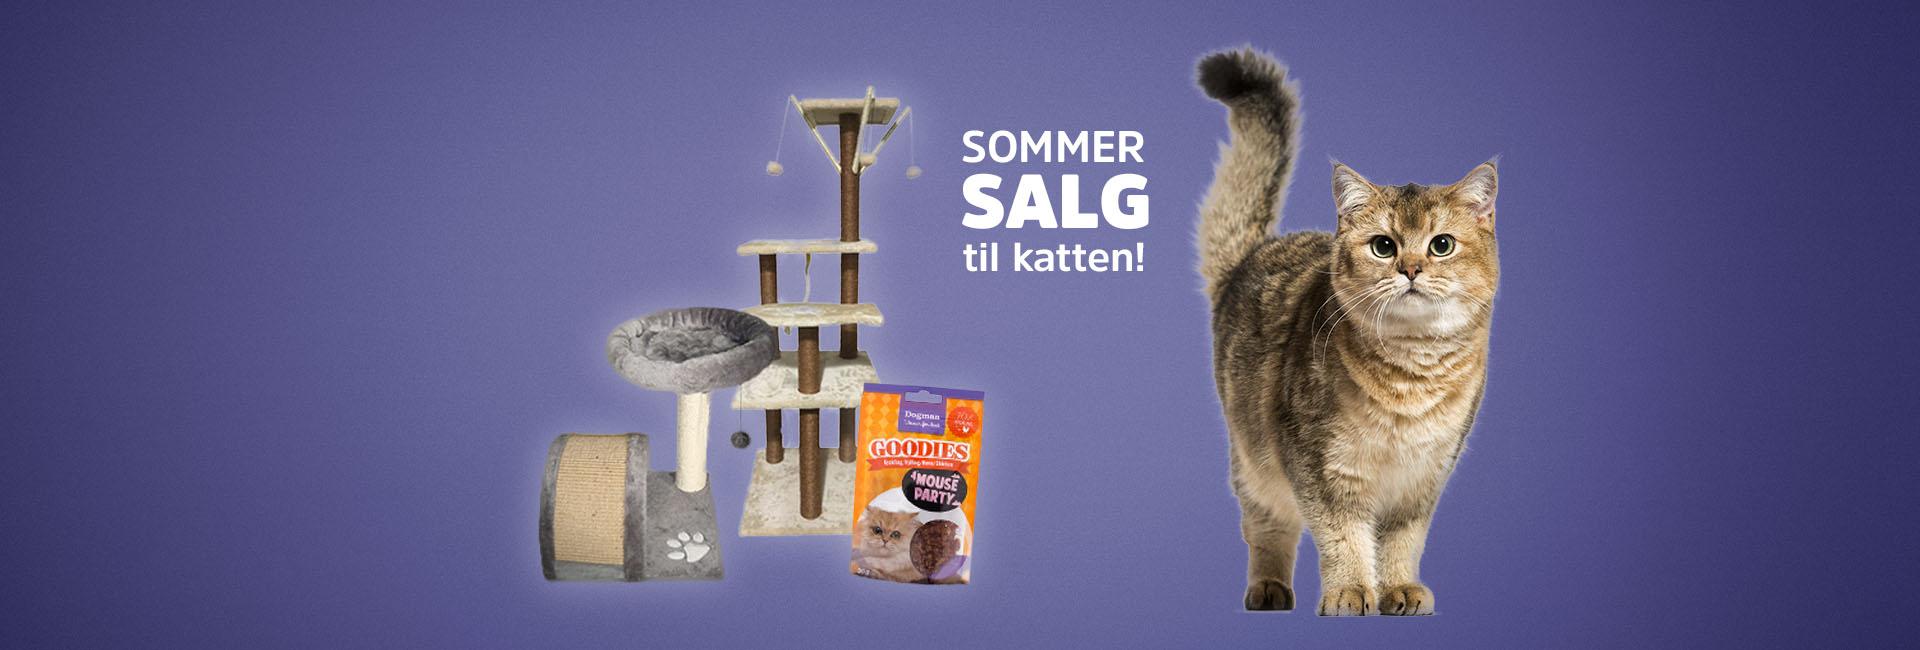 Sommersalg til katten